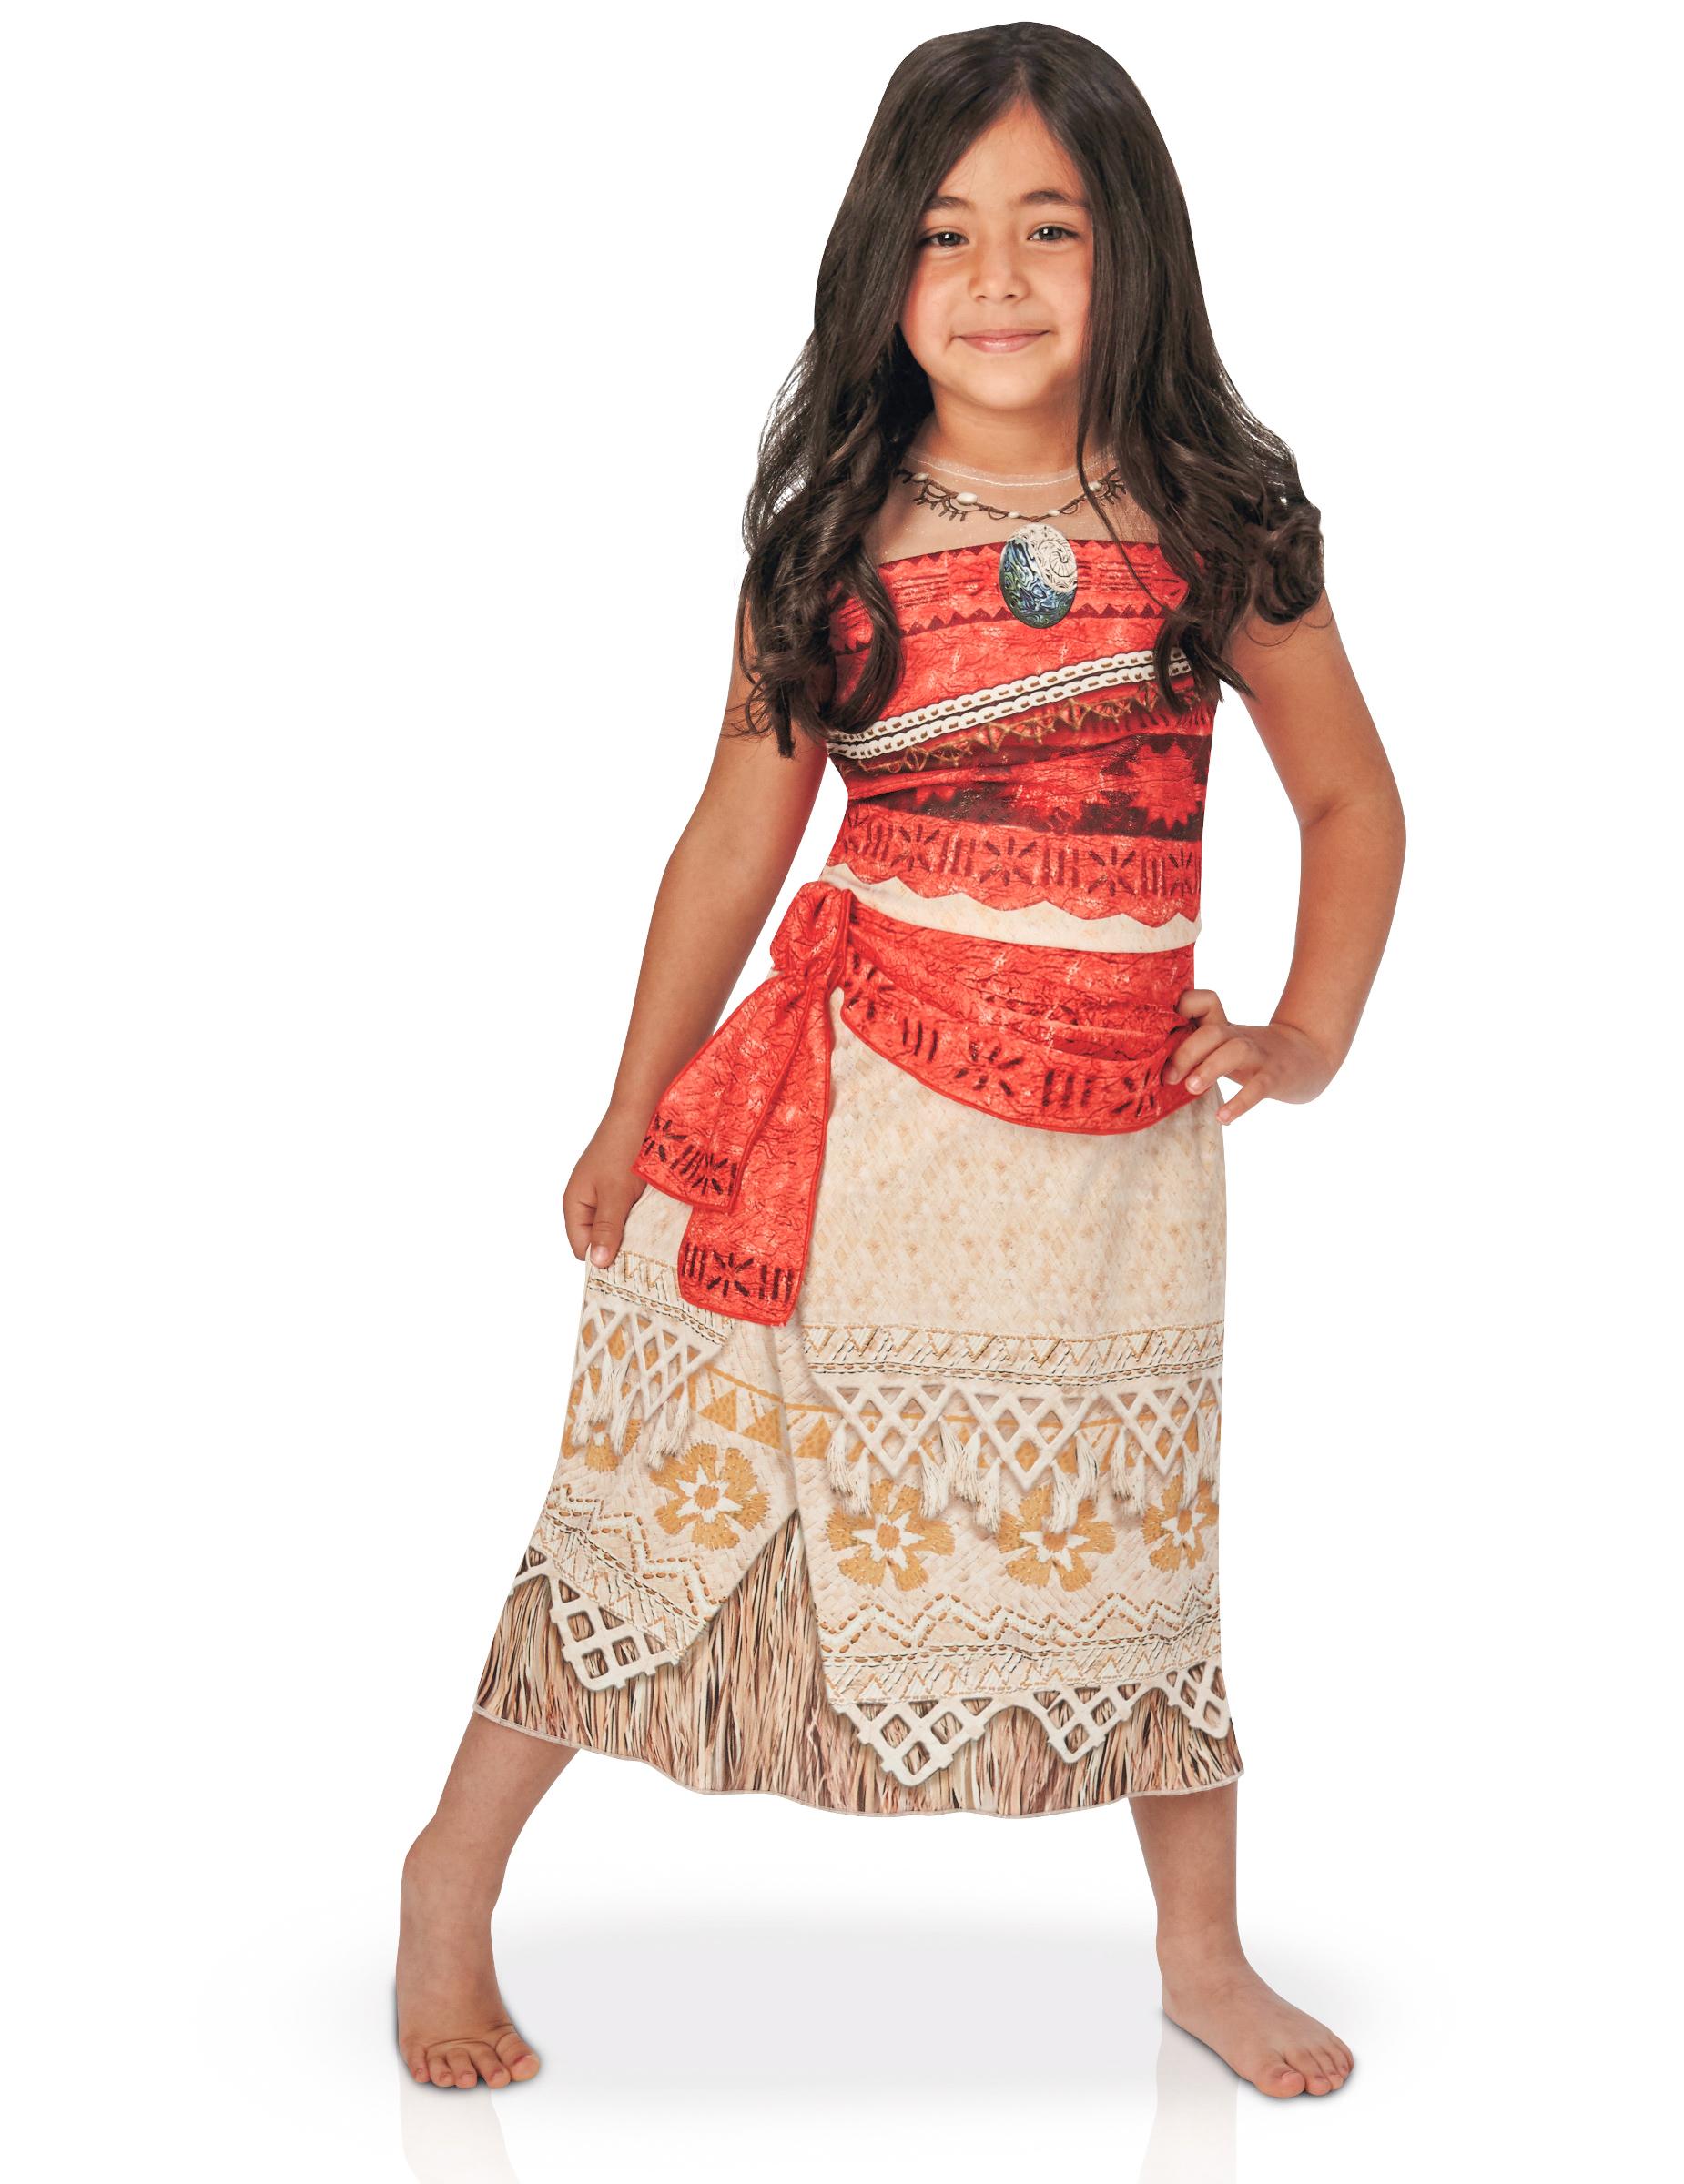 Disfraces niños  venta de disfraces infantiles baratos - Vegaoo.es 785531f9619